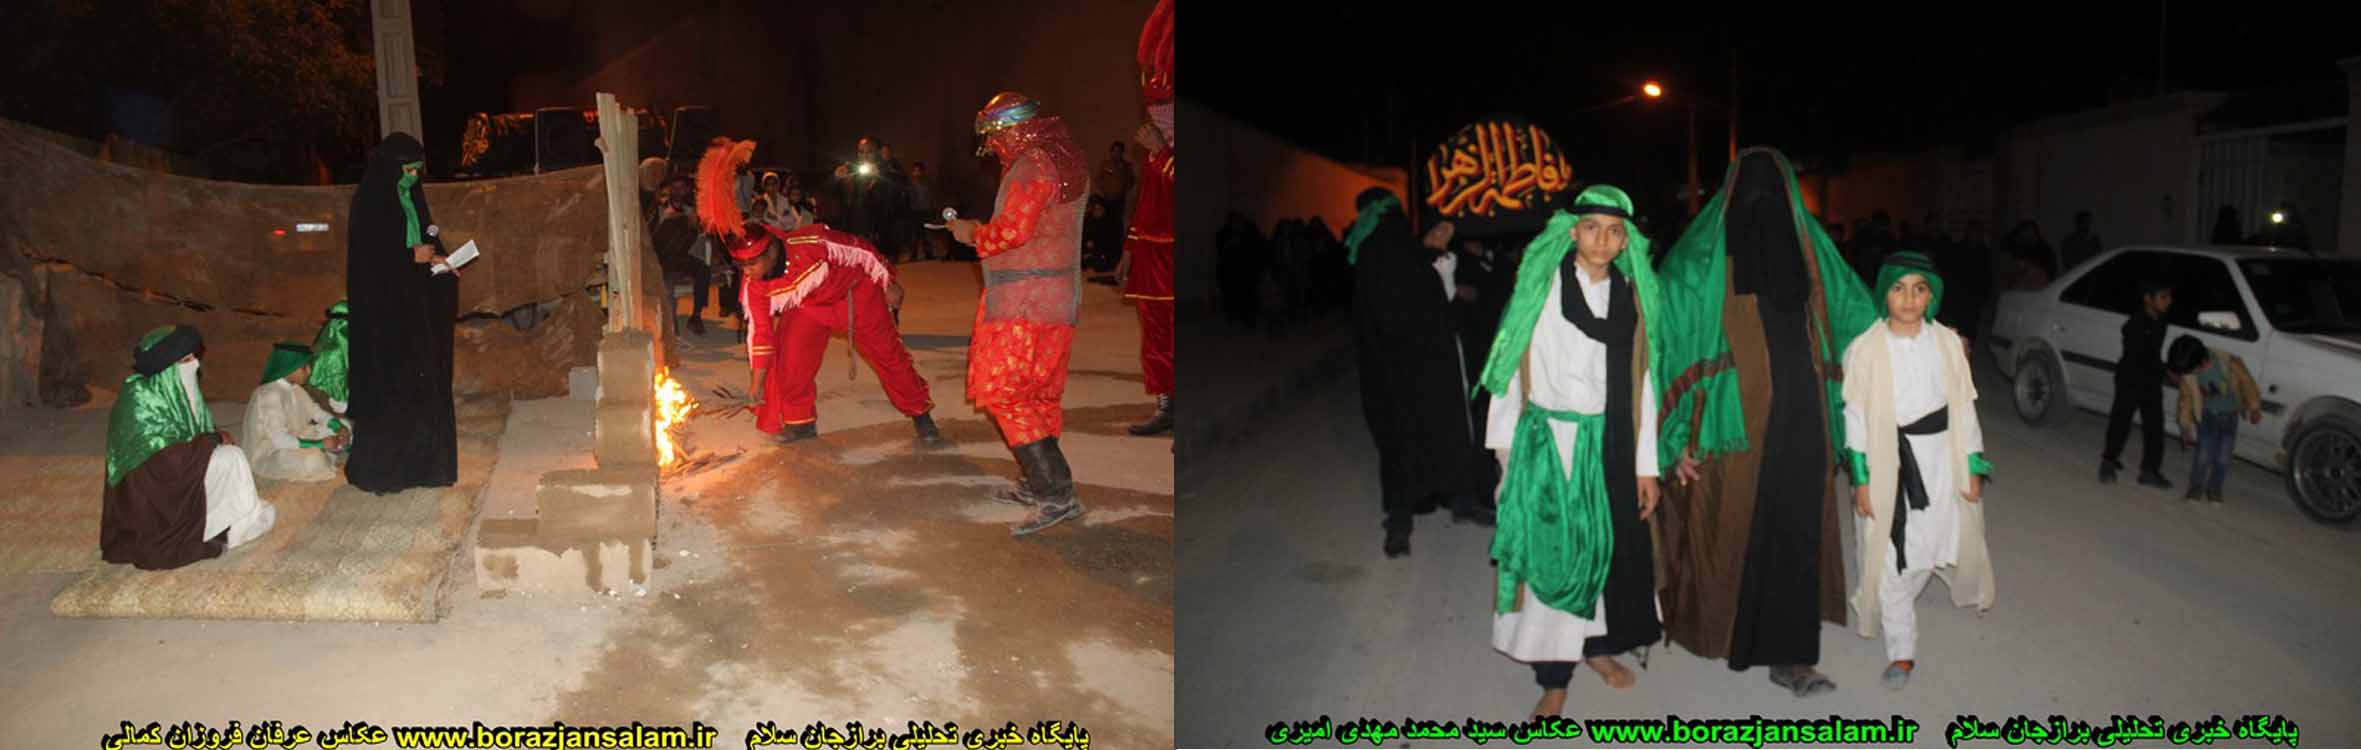 عکس و فیلم تعزیه و مراسم شهادت حضرت فاطمه زهرا خادمین نمایشگاه بانوی بی نشان برازجان